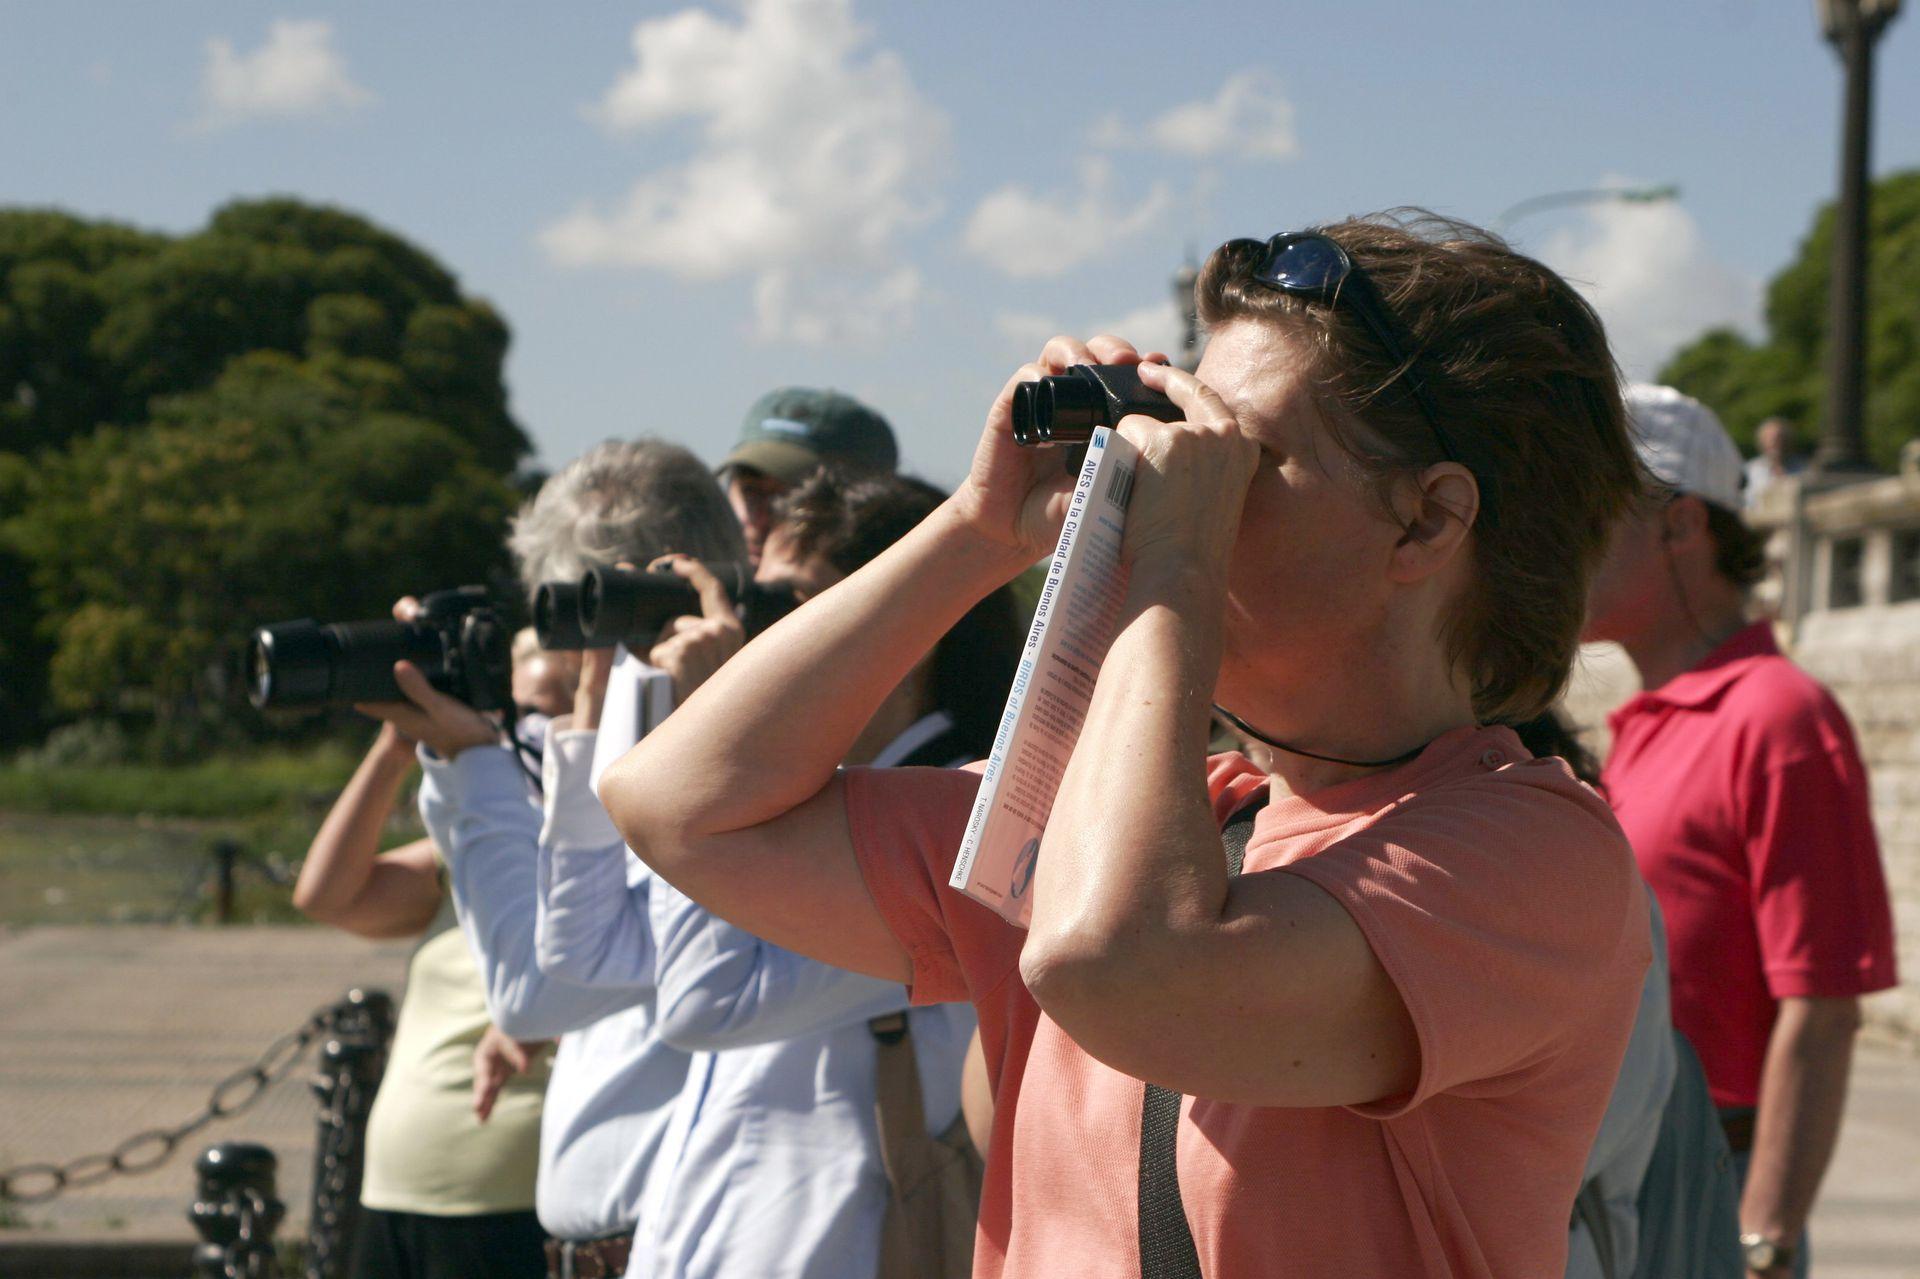 En la Reserva Ecológica Costanera Sur, octubre es el mejor mes para ver todo tipo de pájaros